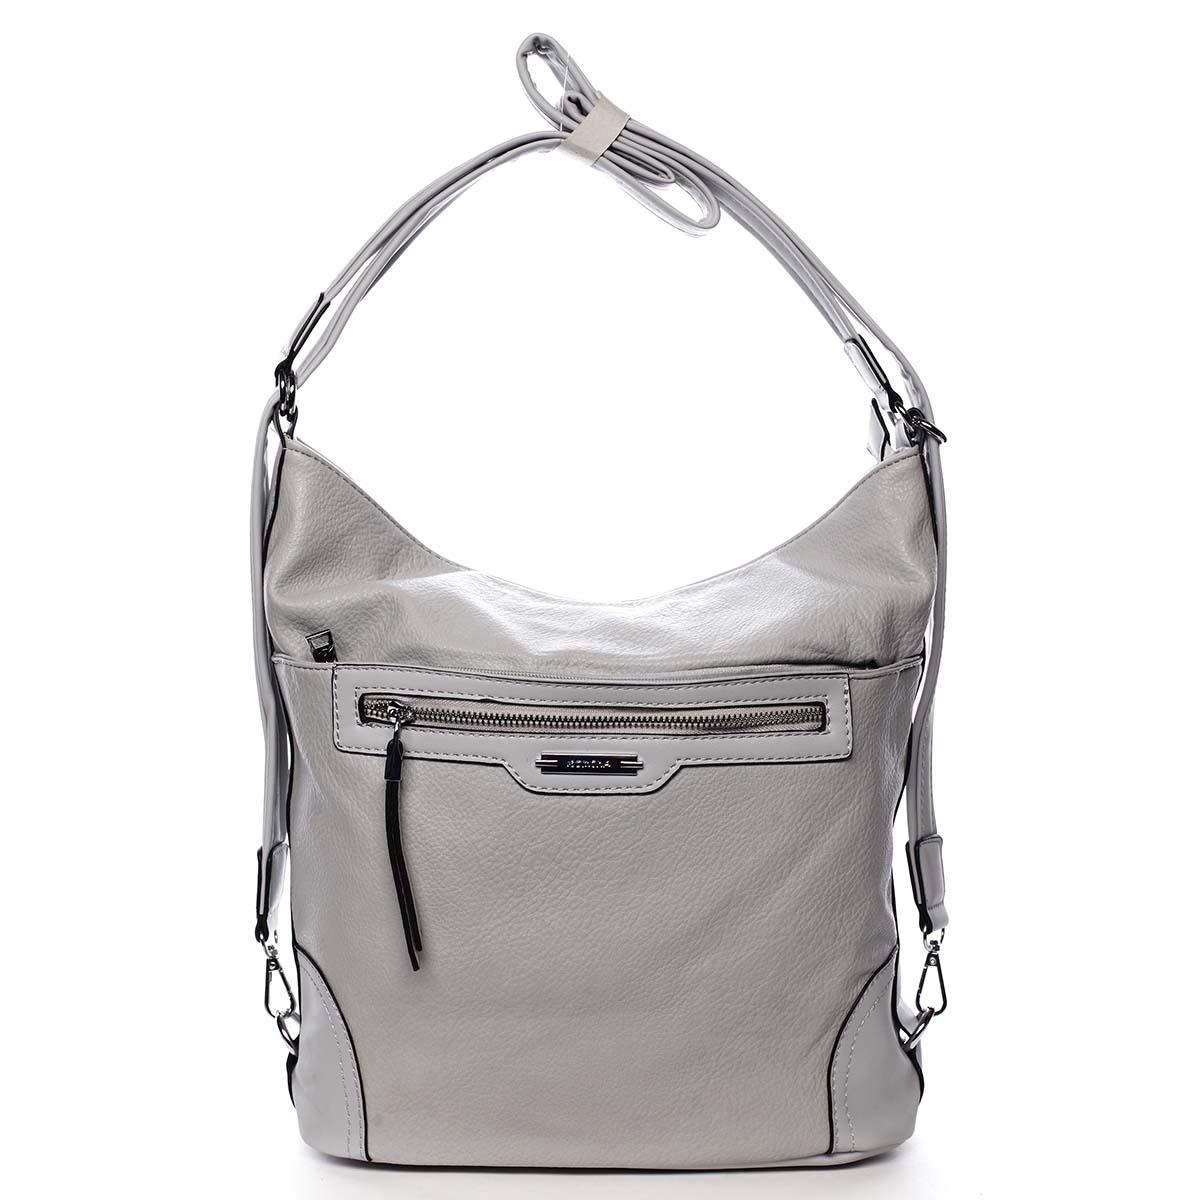 Dámská kabelka batoh světle šedá - Romina Zilla šedá